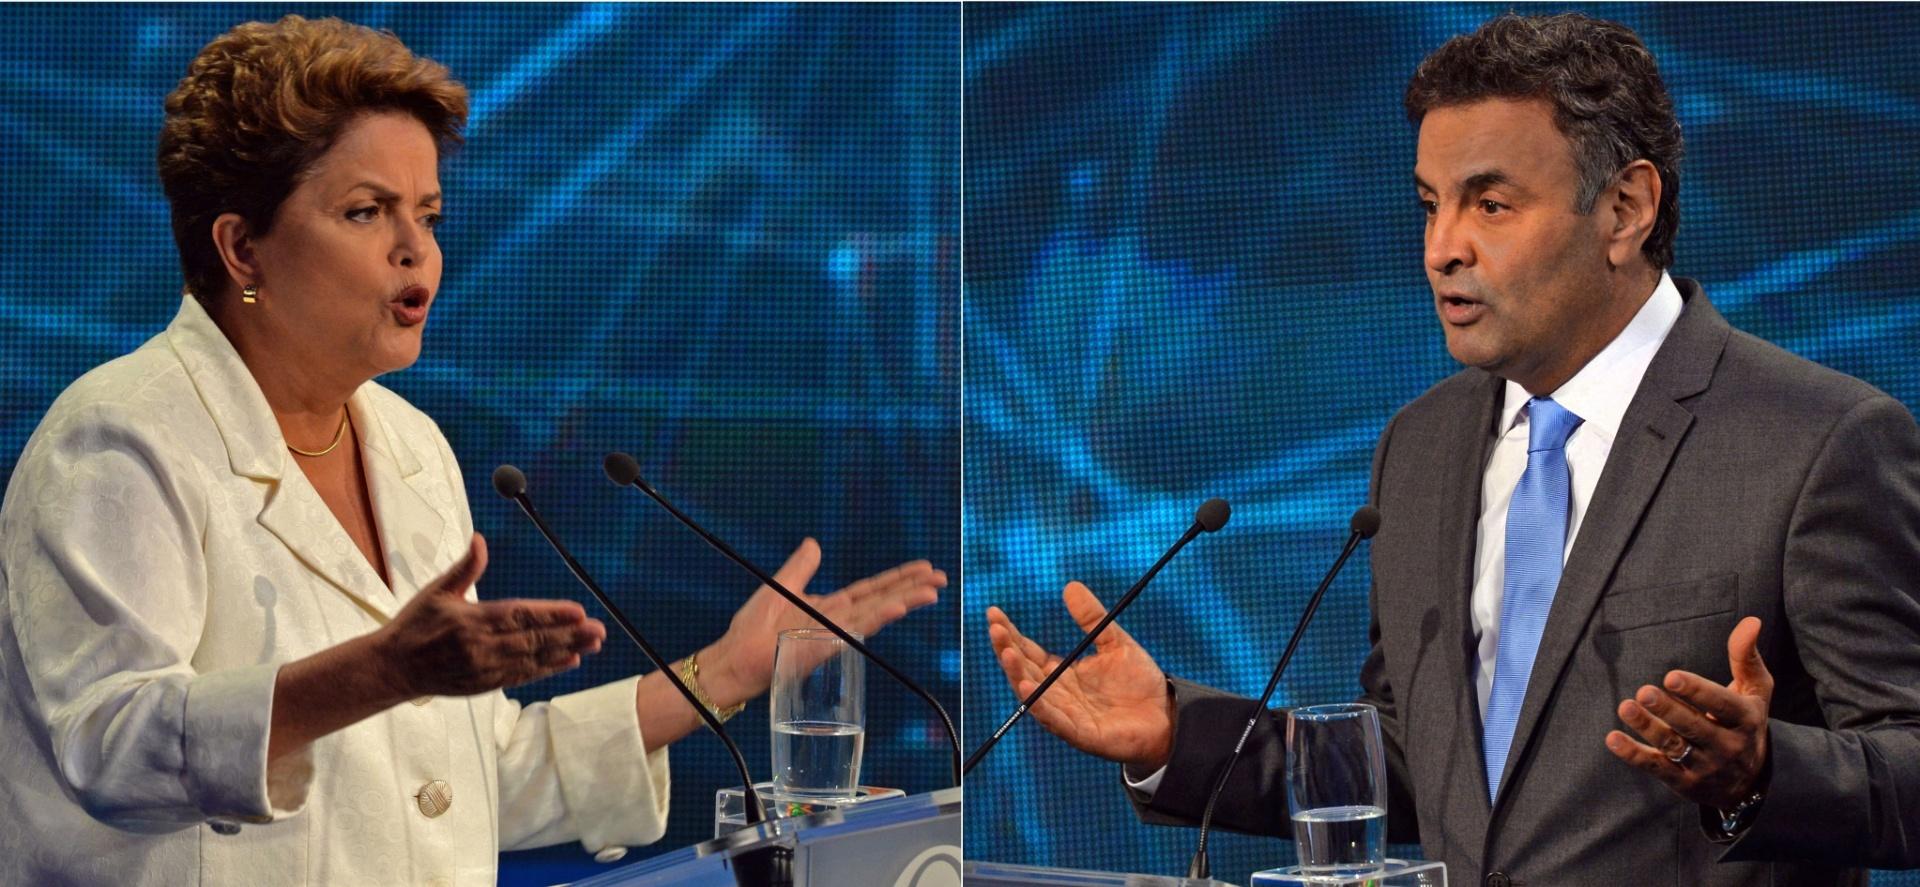 14.out.2014 - A candidata à reeleição, presidente Dilma Rousseff (PT), e o candidato à Presidência Aécio Neves (PSDB) participam do debate da Band, o primeiro do segundo turno das eleições presidenciais, na noite desta terça-feira